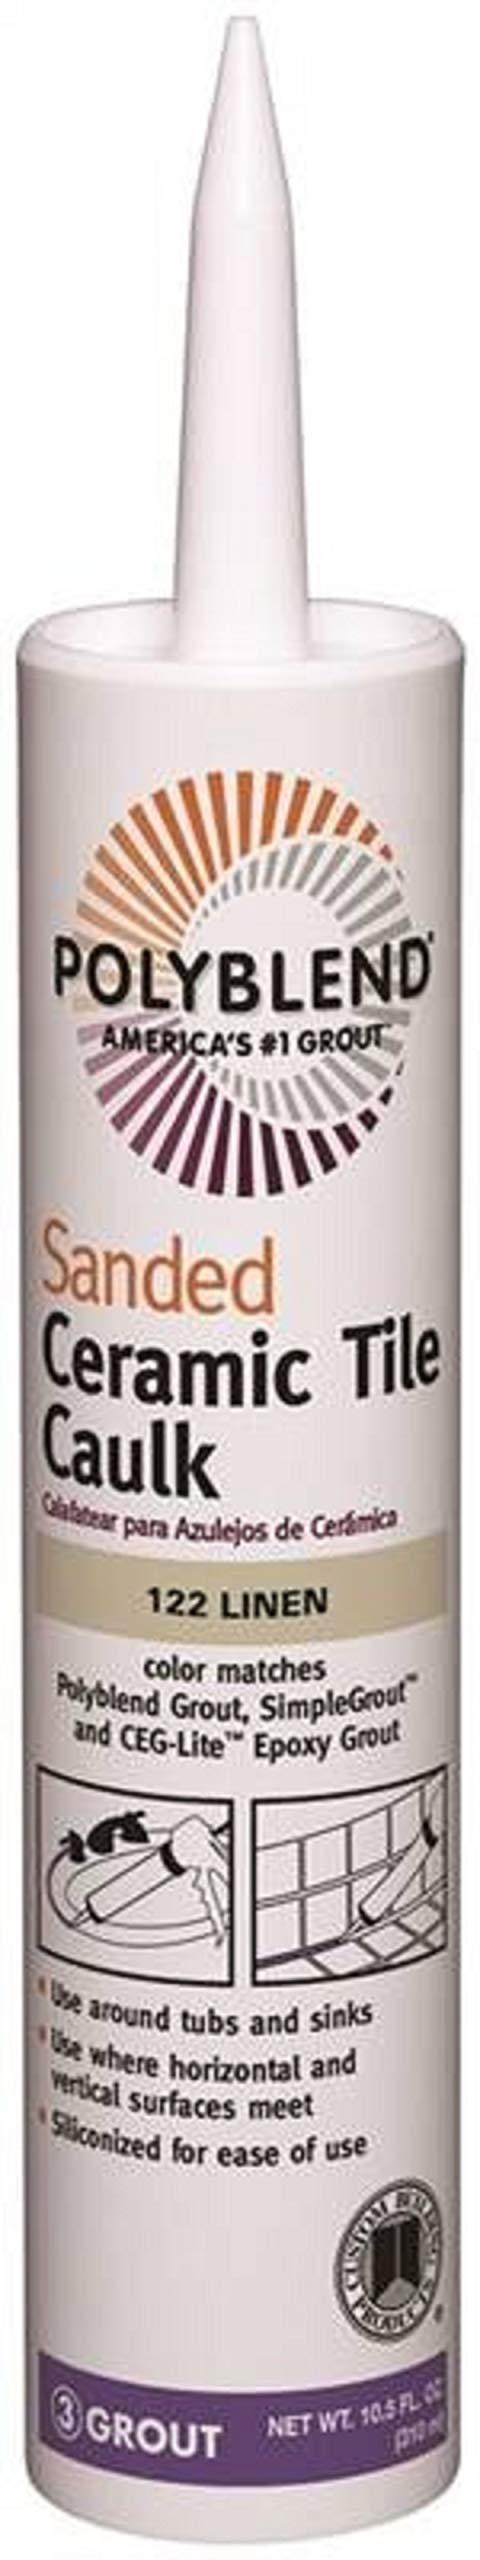 Custom BLDG Products PC12210S-6 10.5-Ounce Linen Tile Caulk, 10.5 oz, Sahara Tan